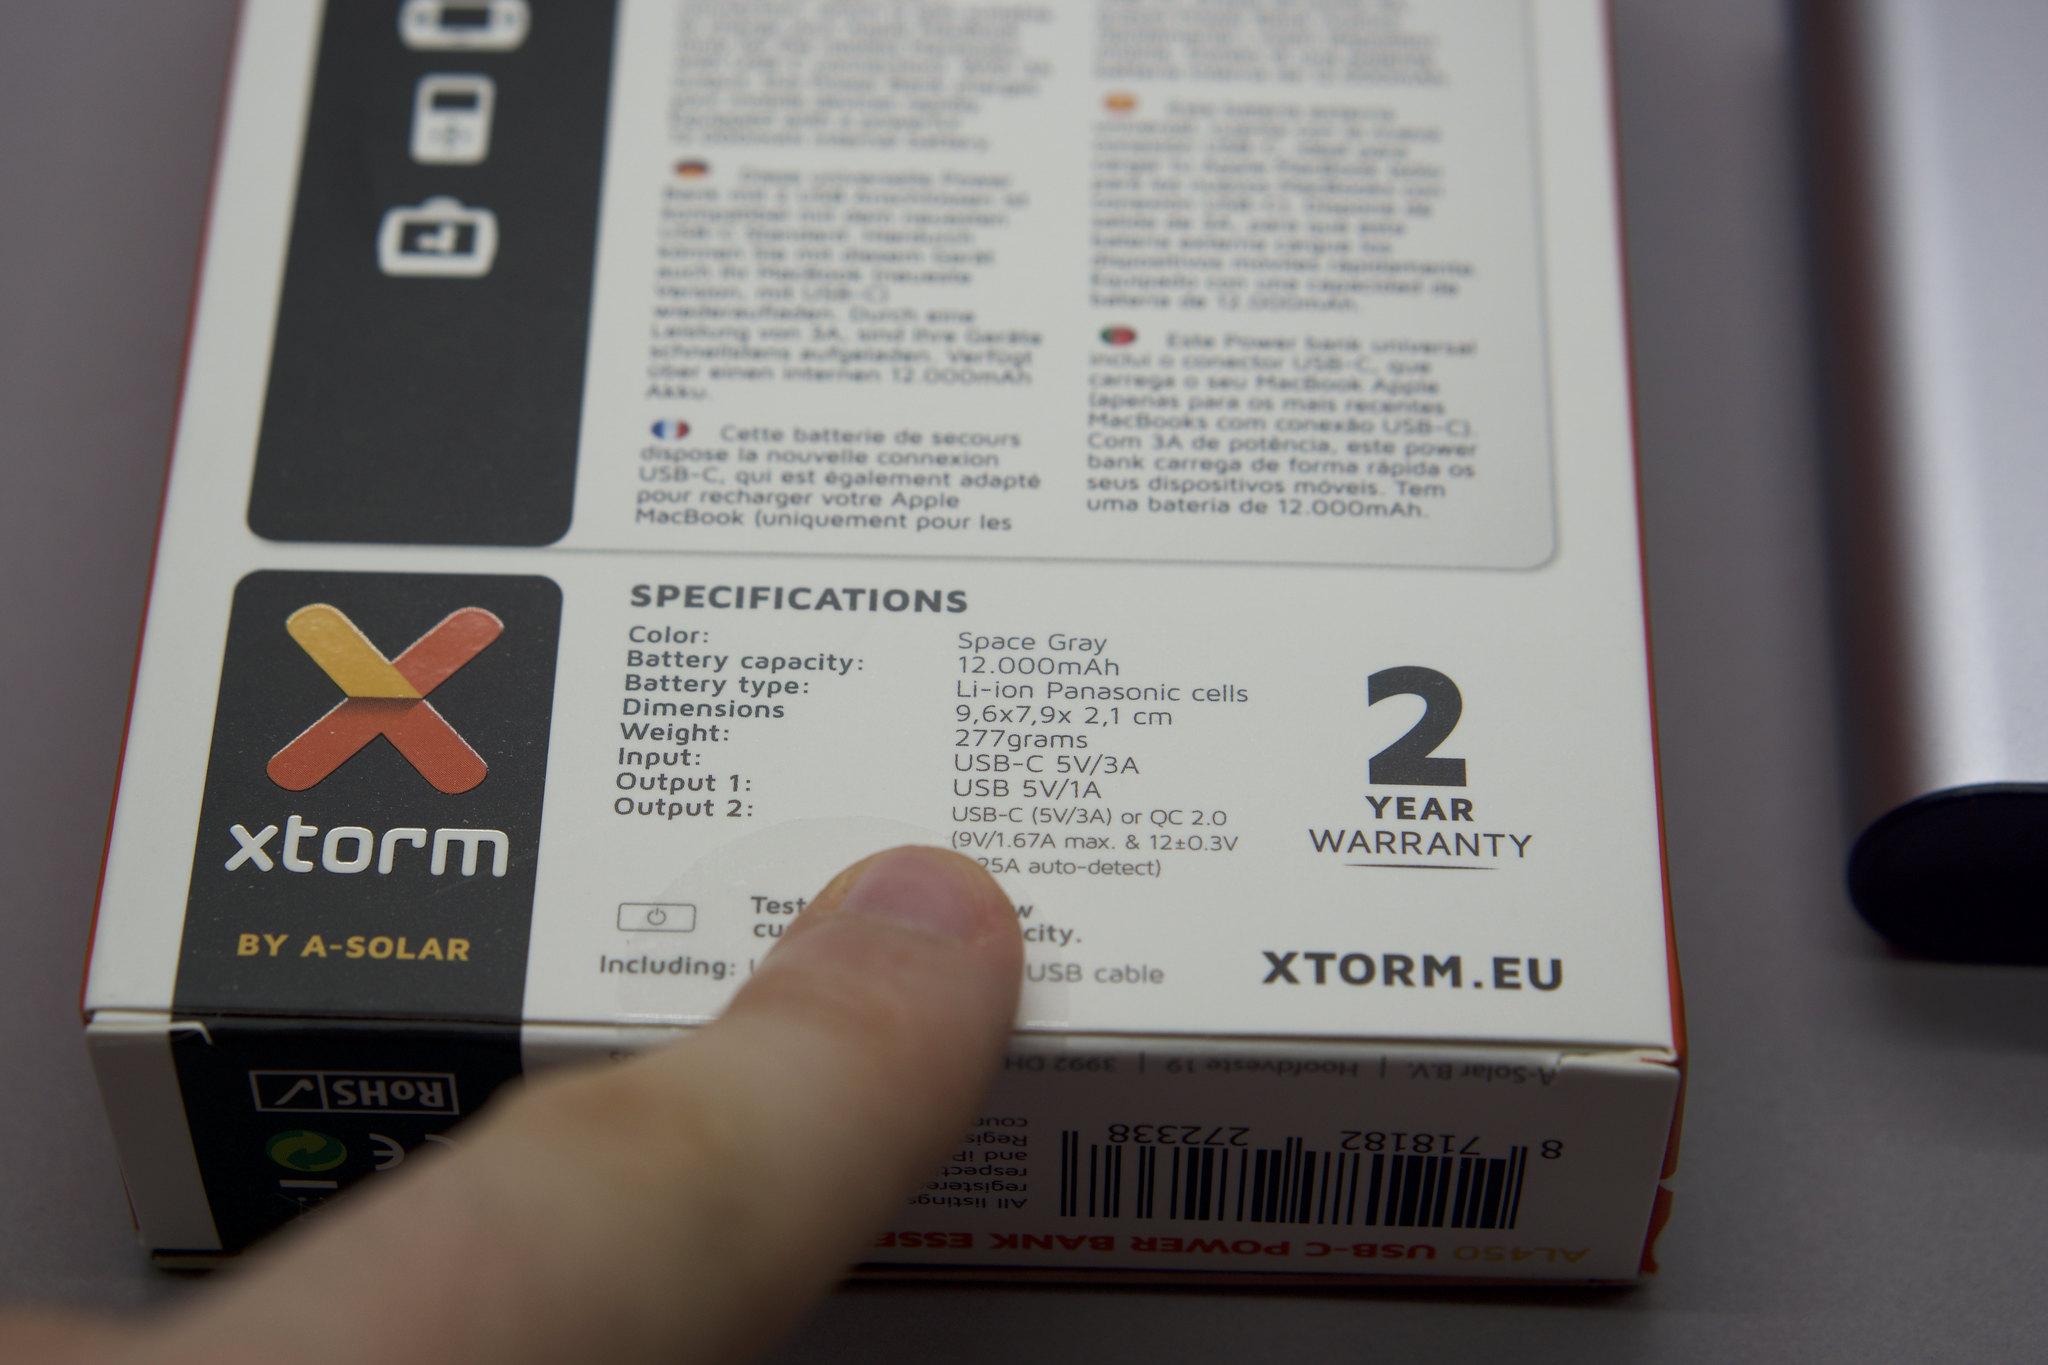 Xtorm USB-C